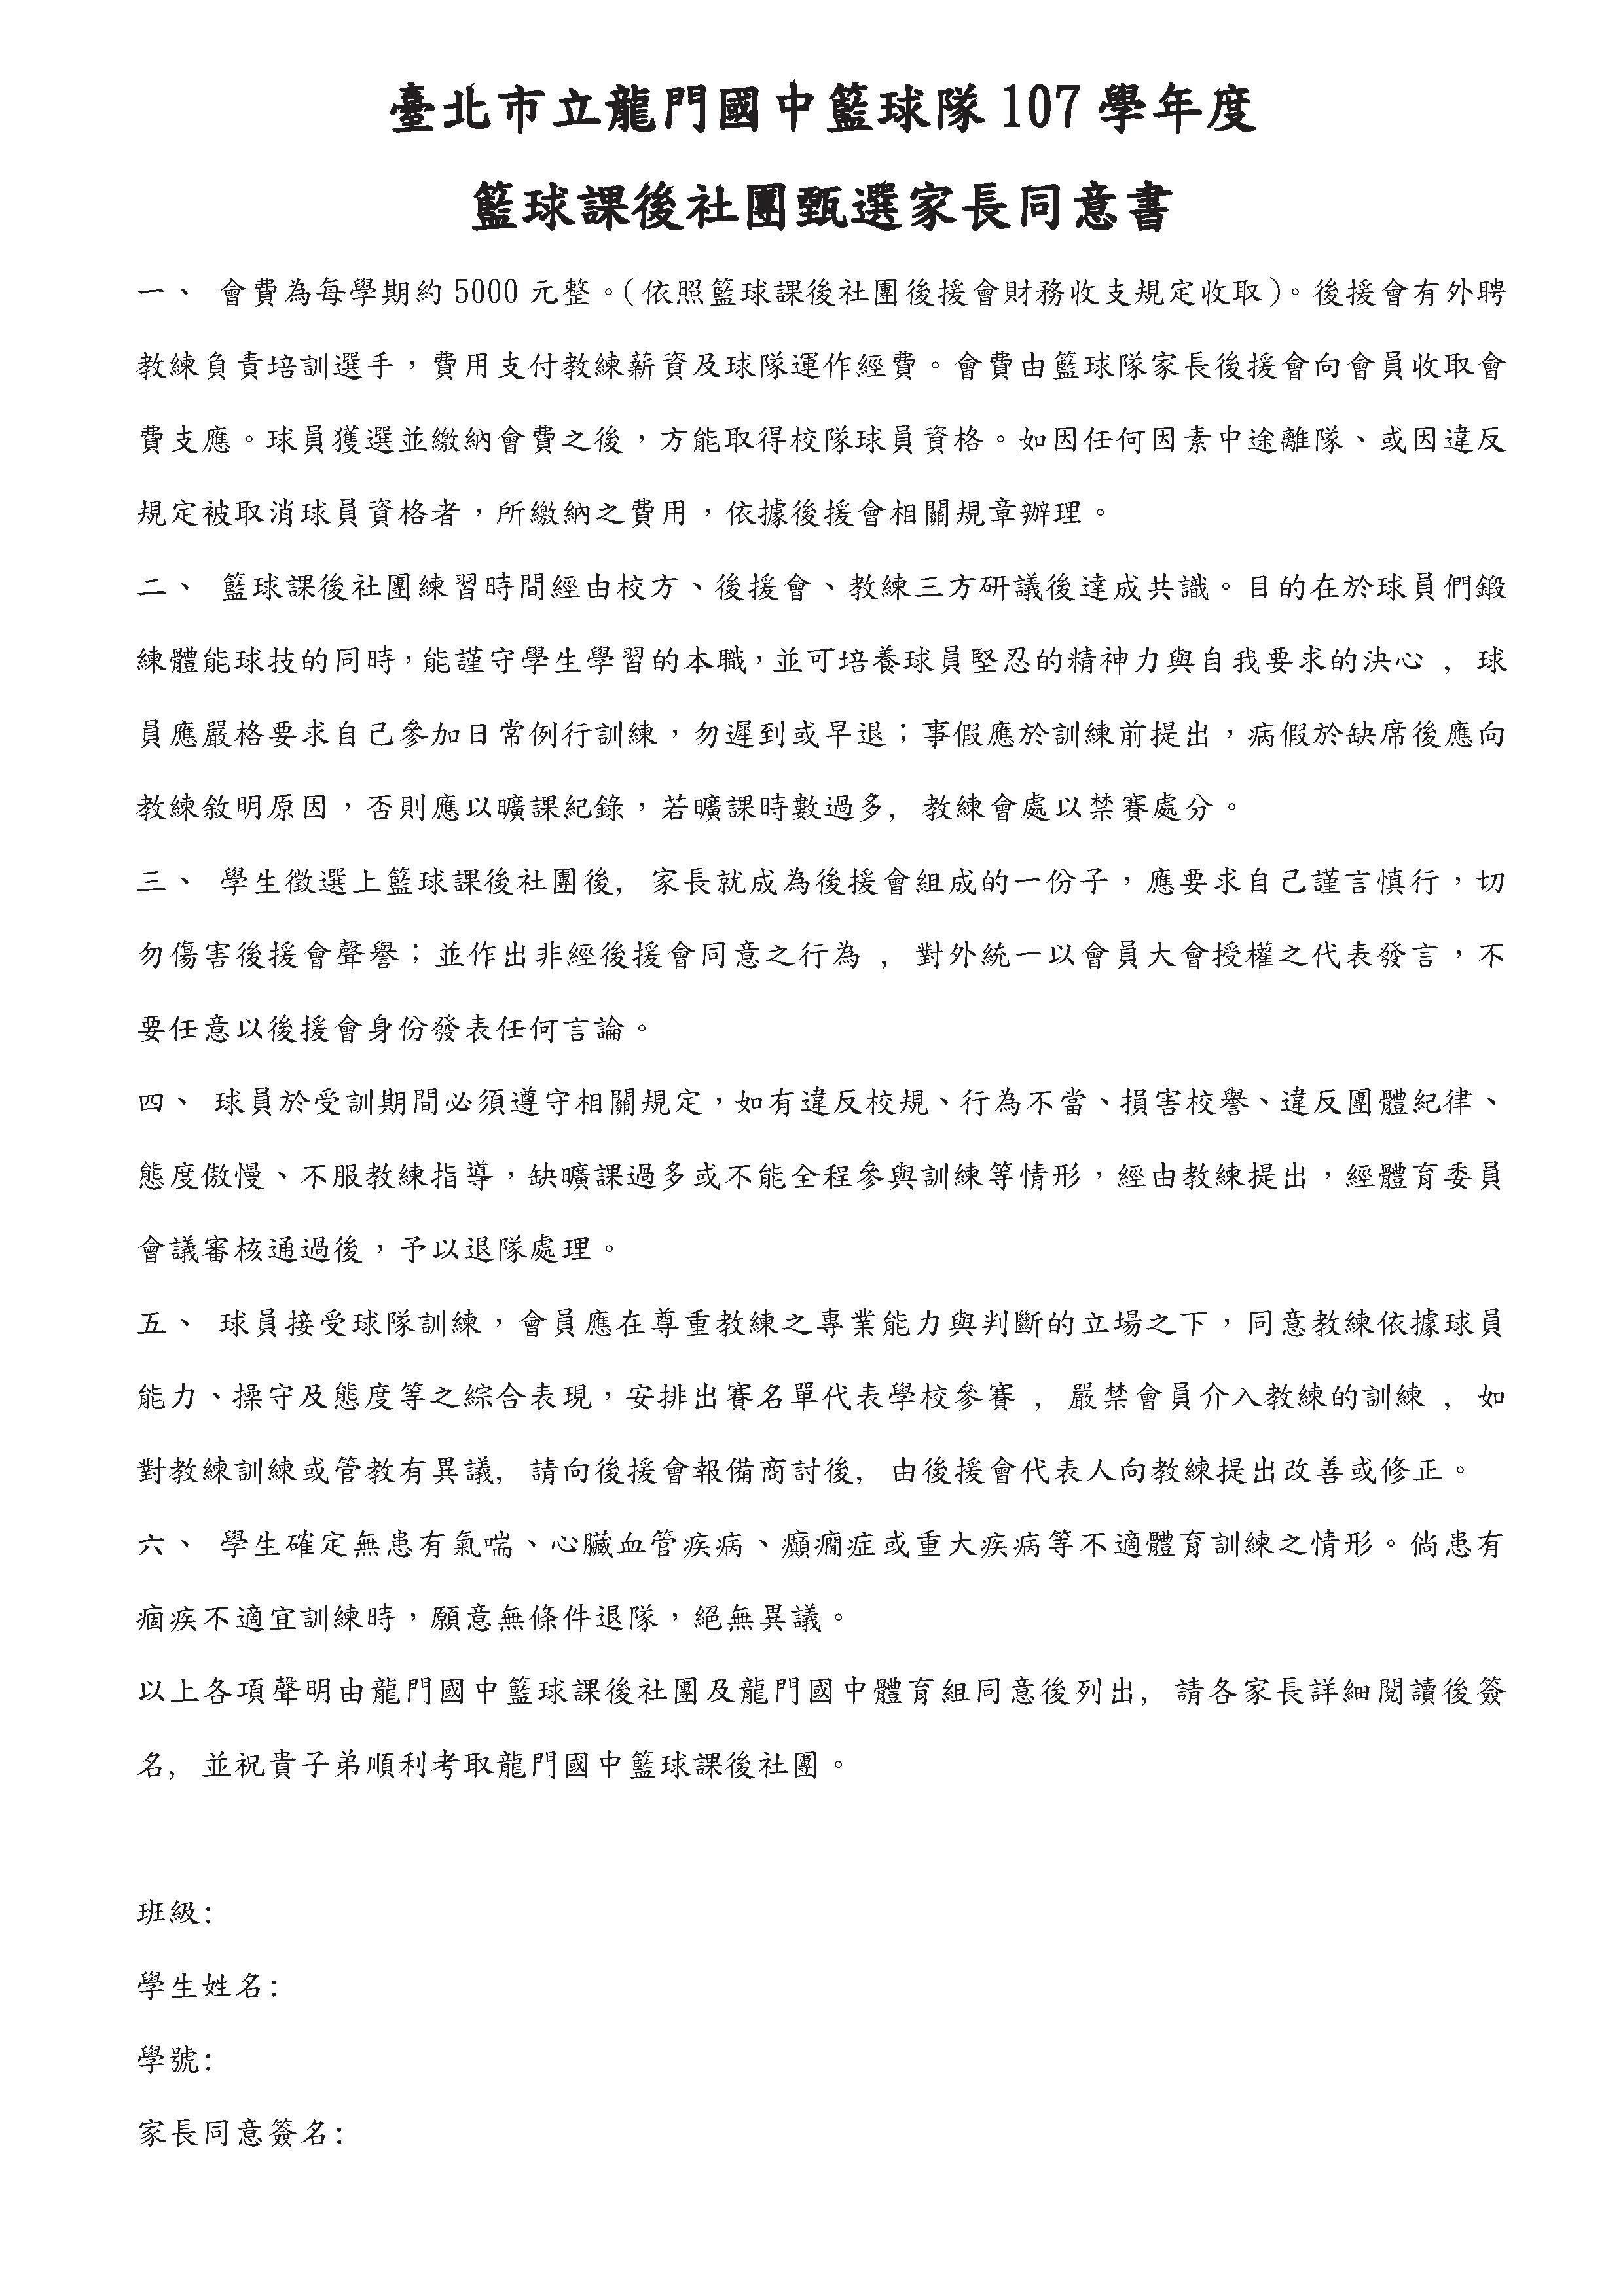 臺北市立龍門國中籃球課後社團107學年度報名簡章.pdf0002